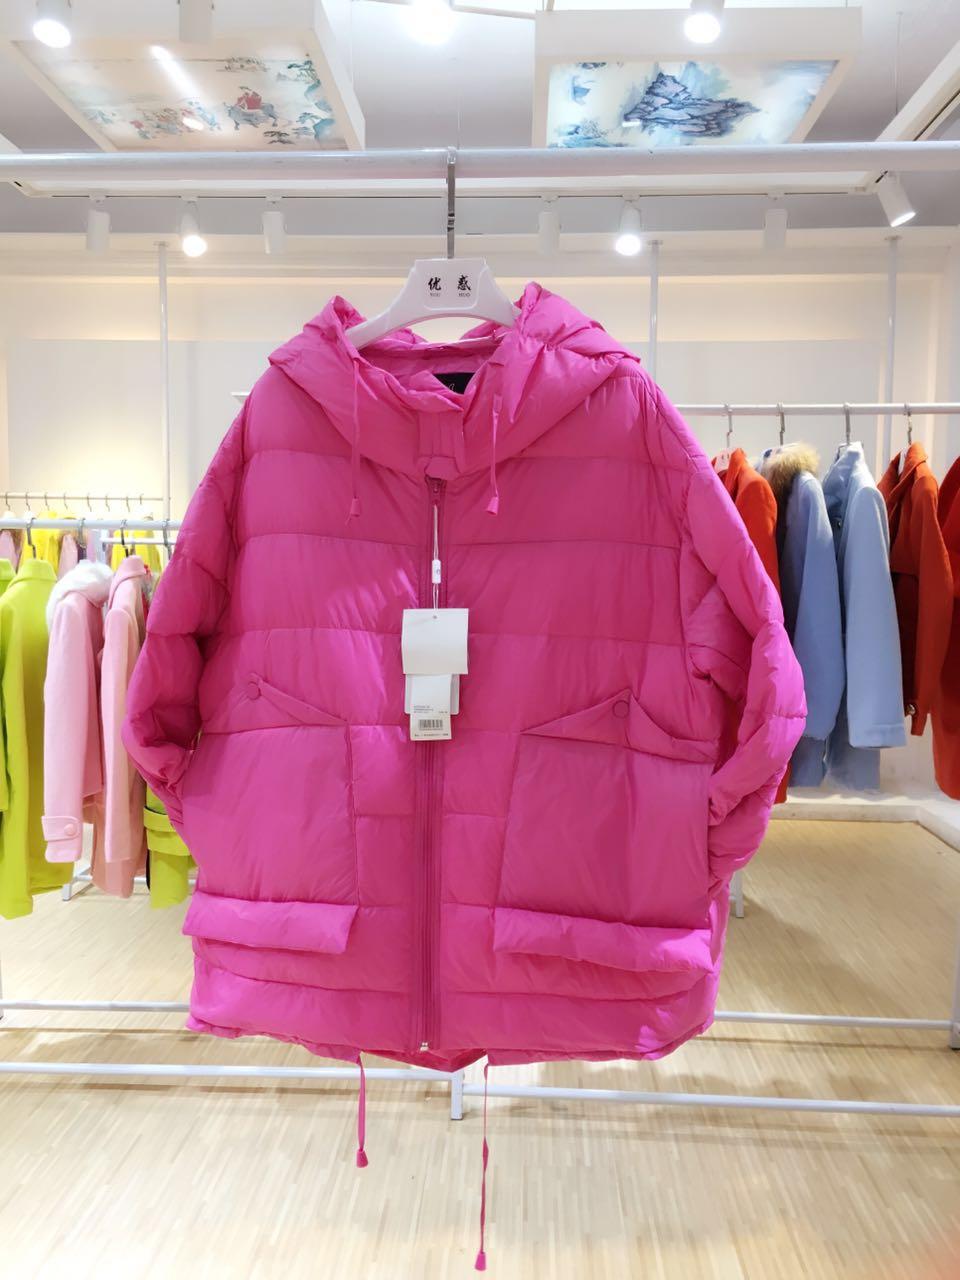 都市优雅冬季女装羽绒服时尚女装批发 品牌折扣店货源 厂家直销